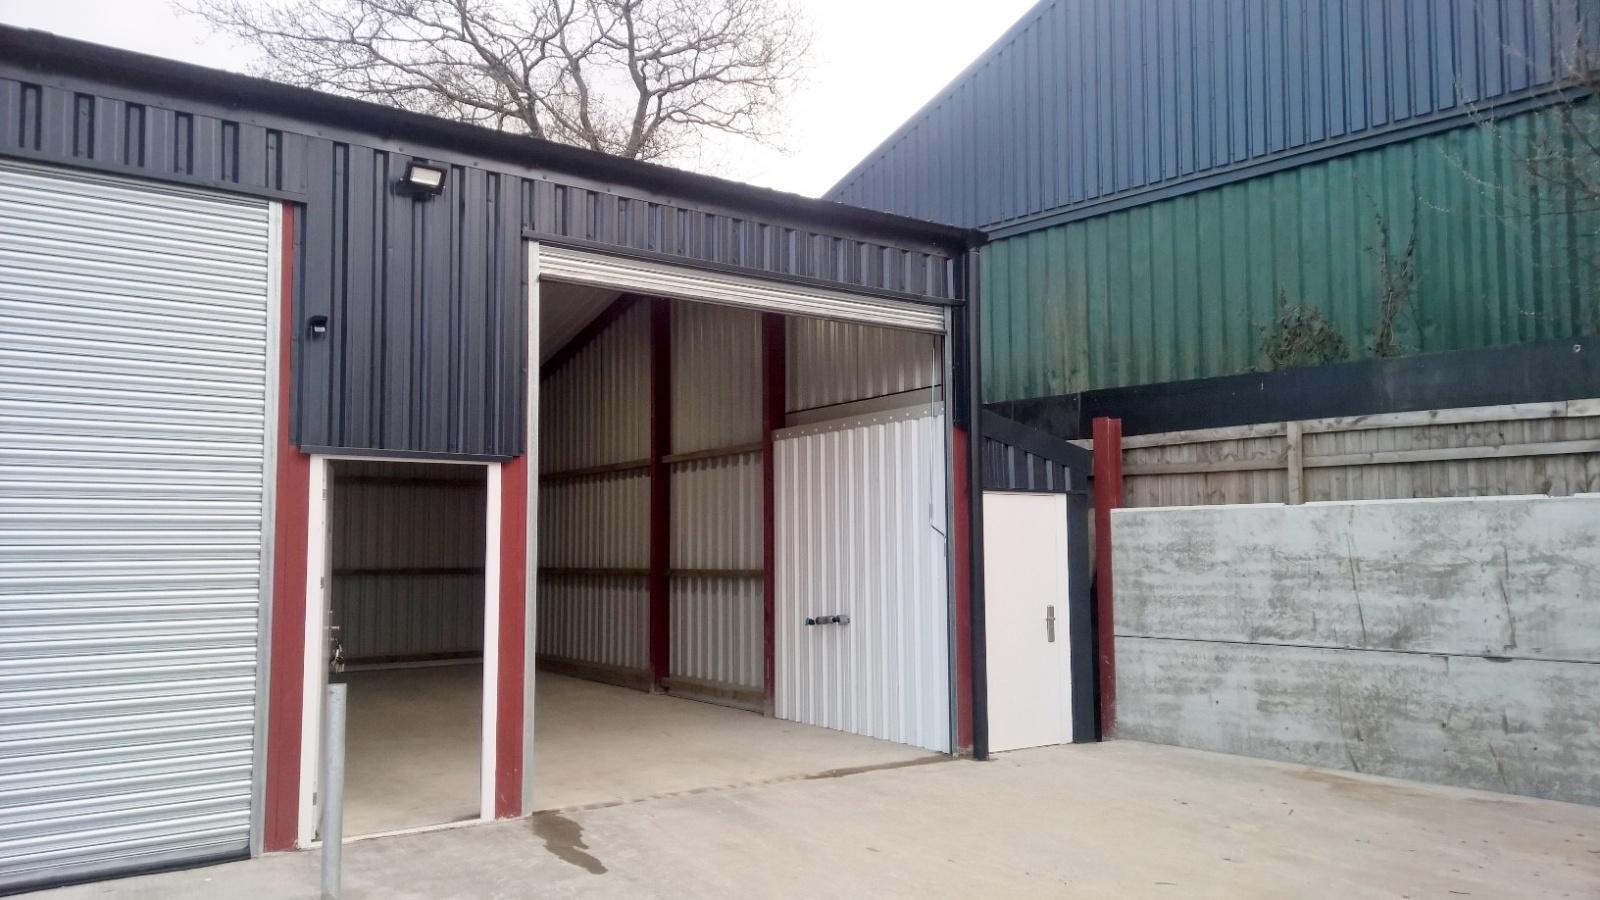 Unit 16c Malehurst Industrial Estate, Minsterley, Shrewsbury, Shropshire